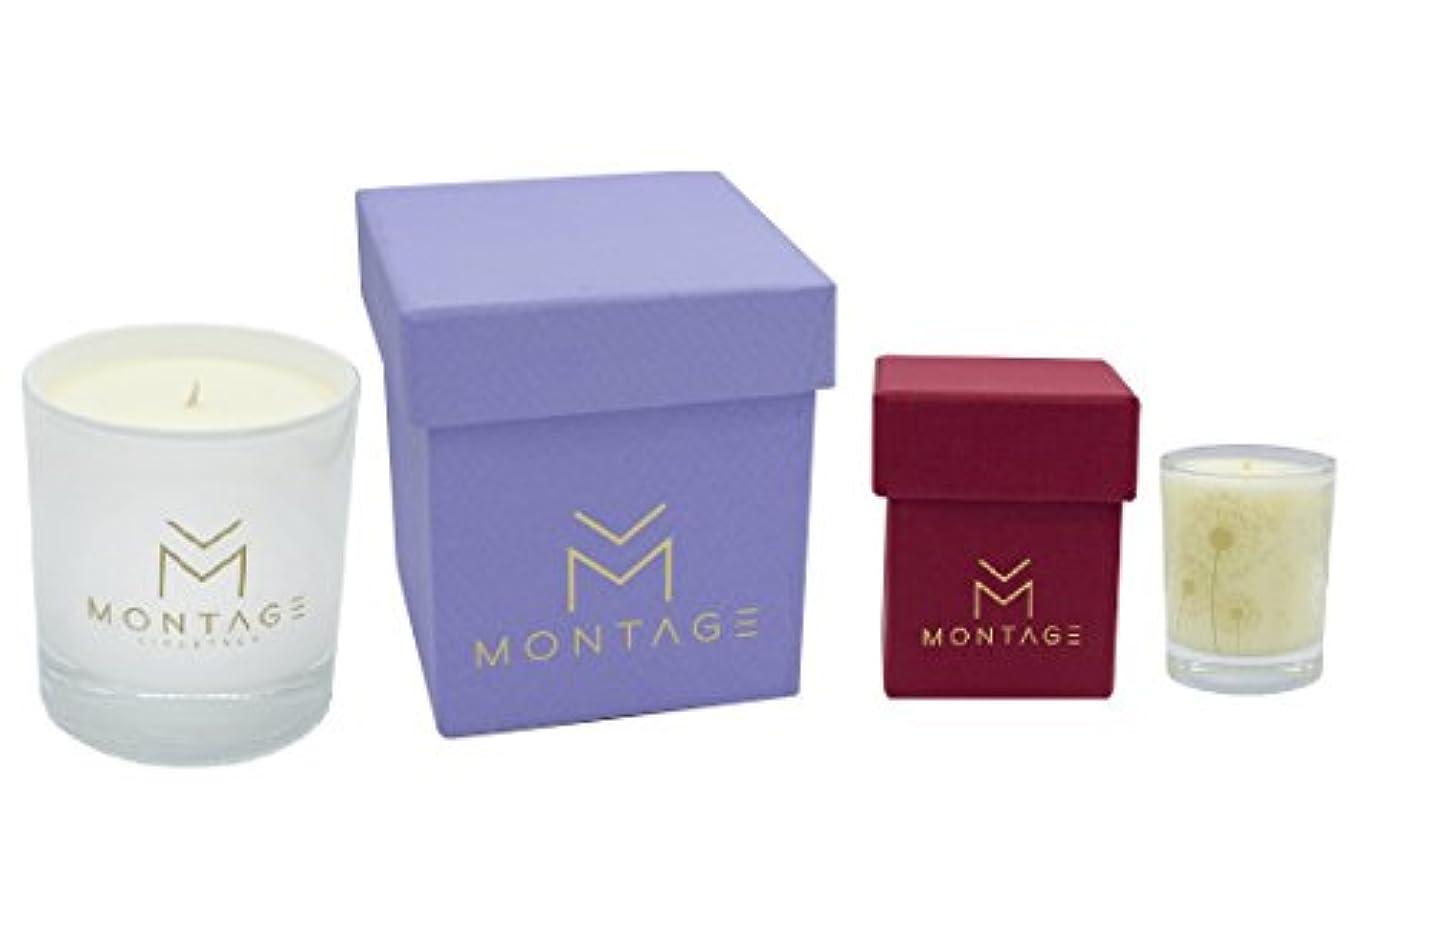 階下地球調整Soy Wax Candle Set in Gift box- Serenityギフトset-アロマセラピーキャンドルのスリープ+ Aphrodisiac with 100 % Pure Essential oils-ハンドメイド...